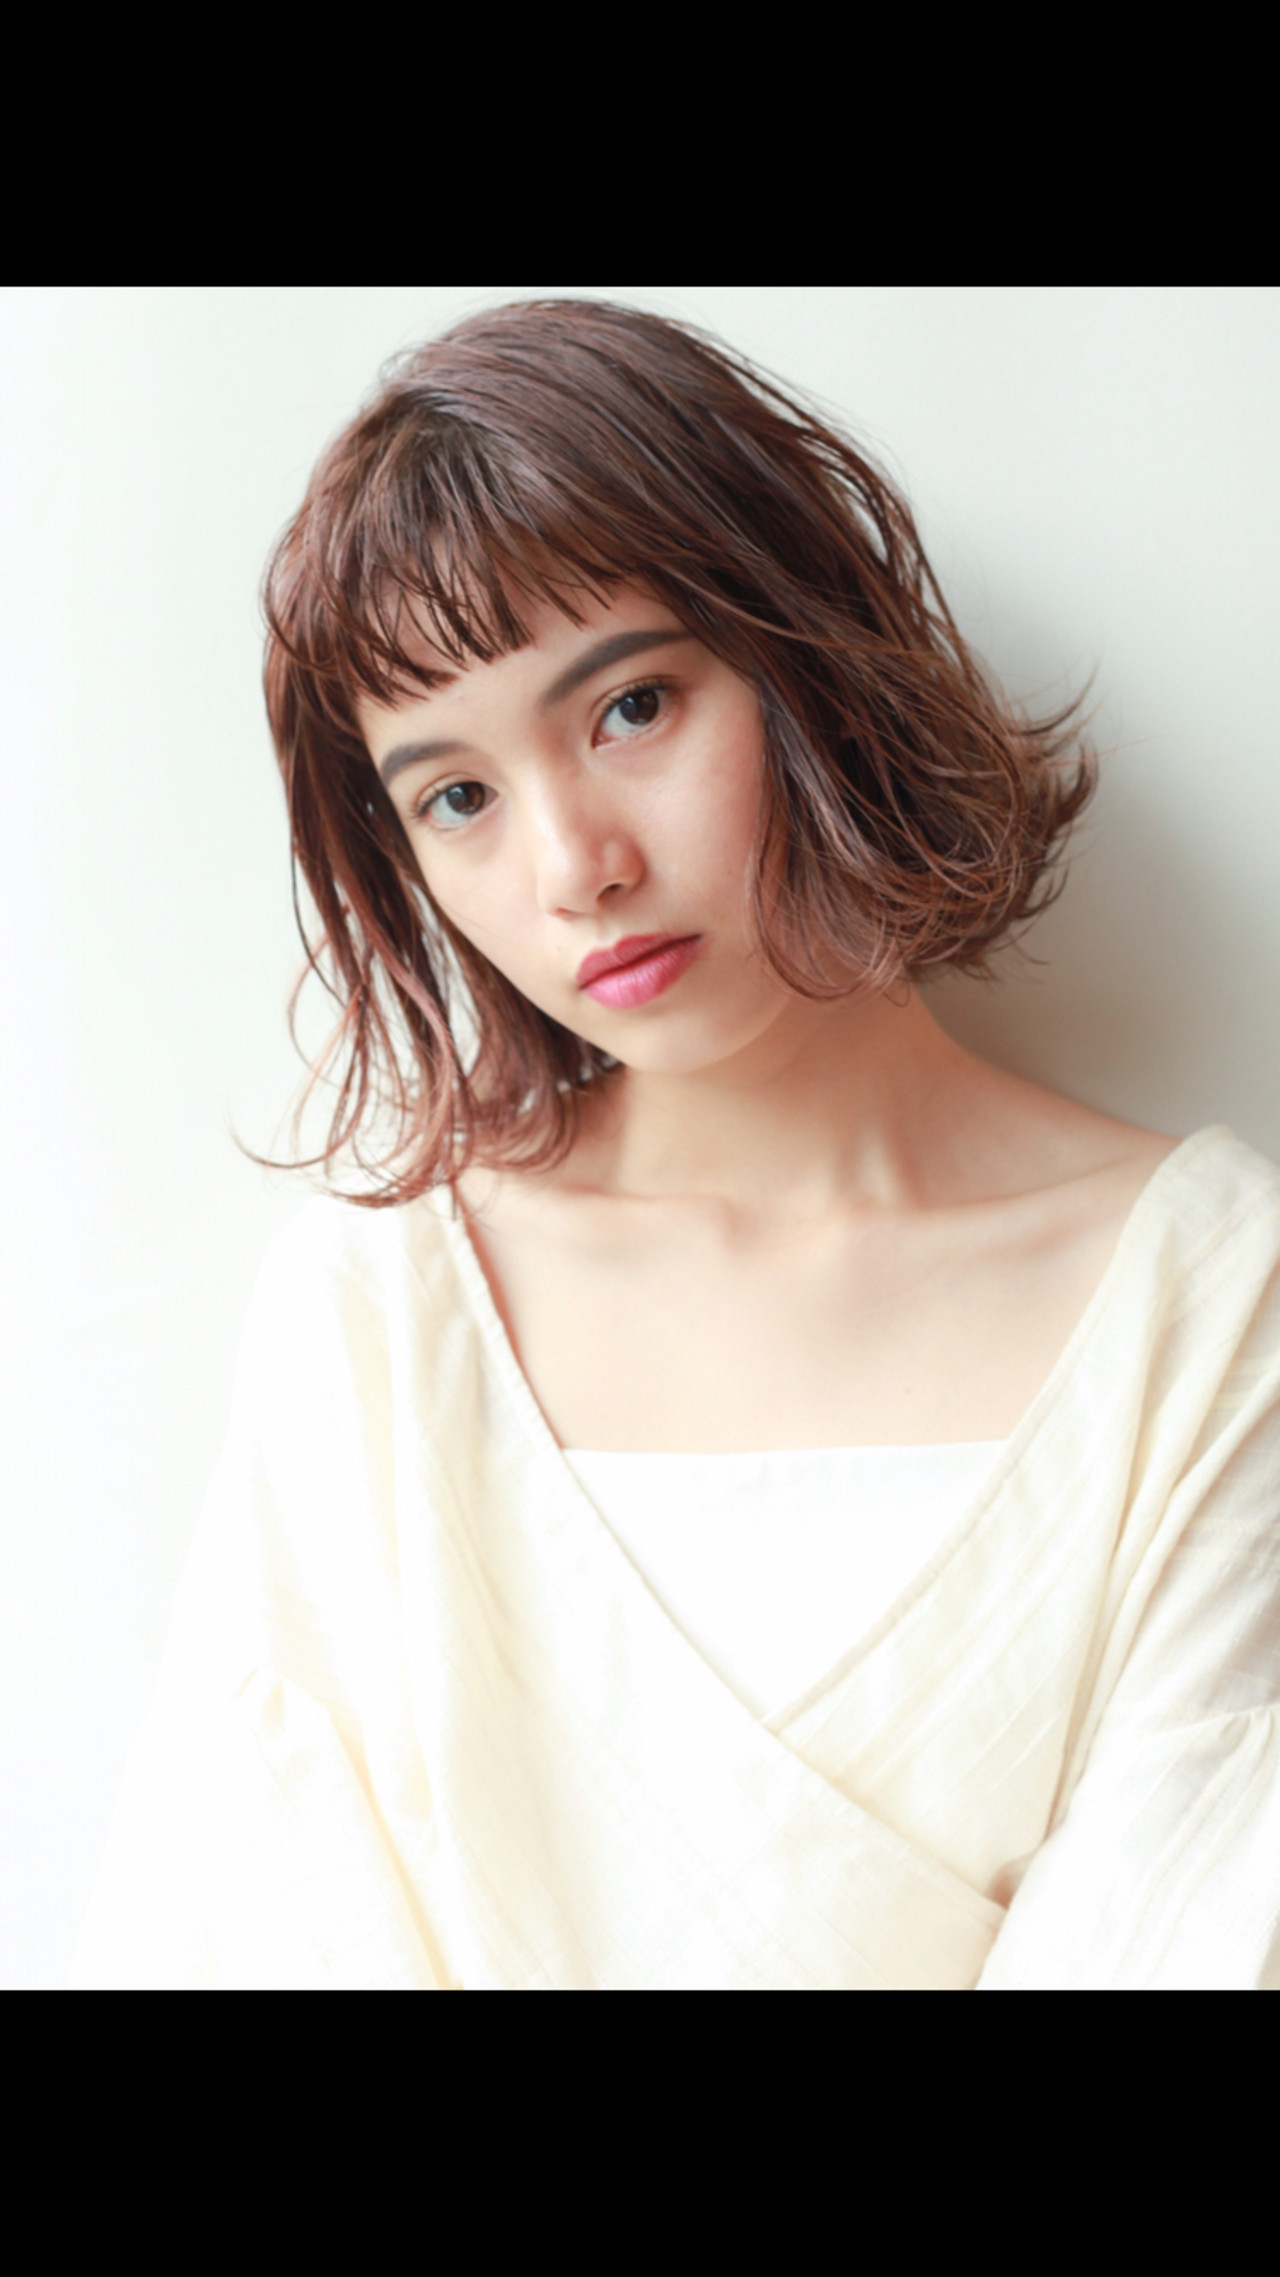 デート アウトドア ガーリー ミディアム ヘアスタイルや髪型の写真・画像   HIROKI / roijir / roijir